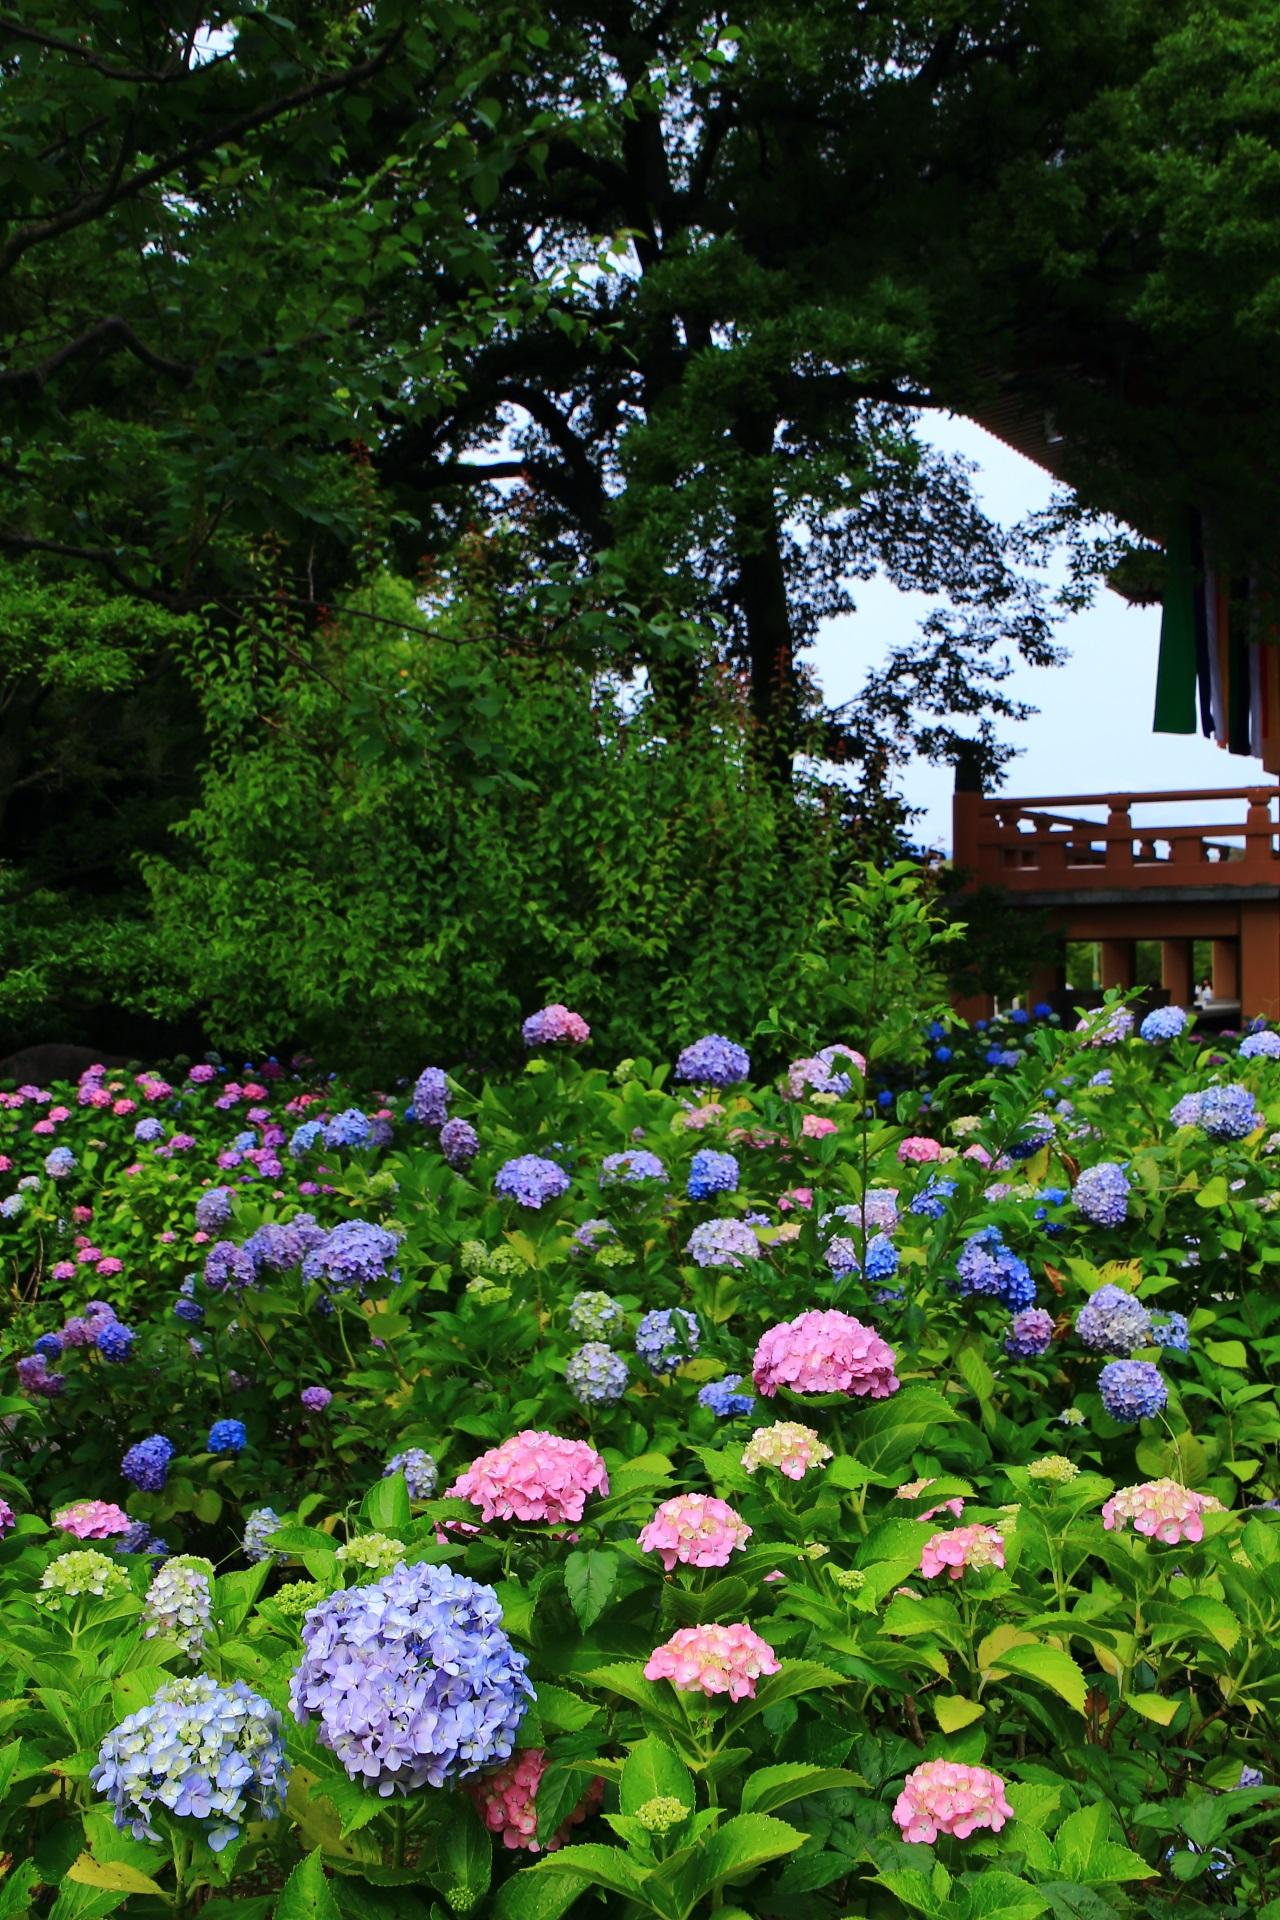 たくさん咲いているアジサイの華やかな初夏の彩り